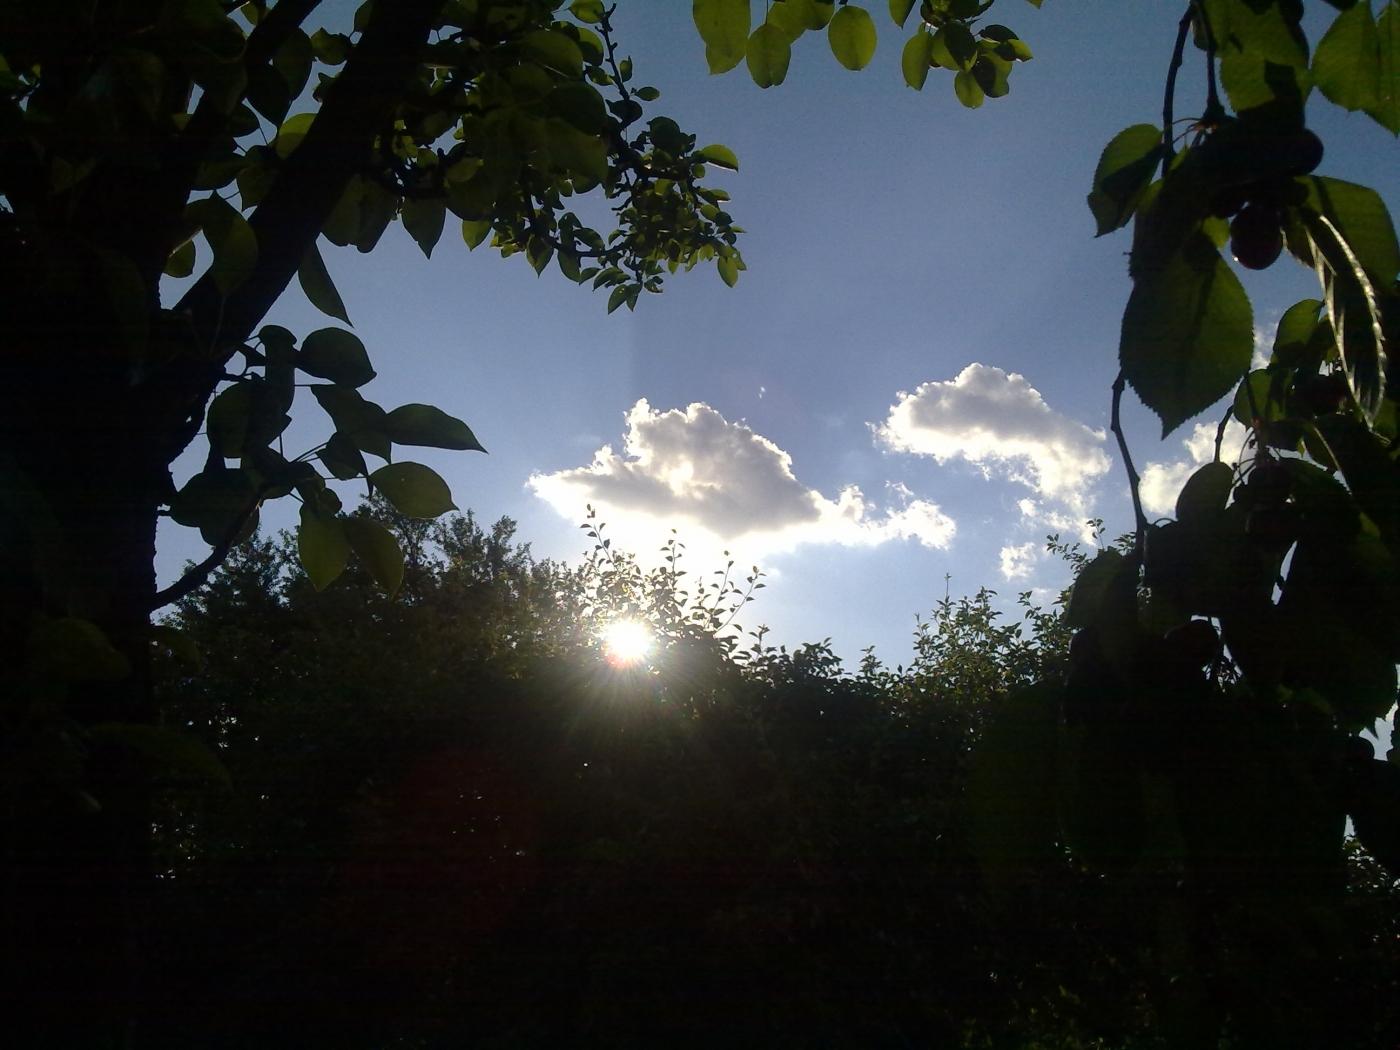 23328 скачать обои Пейзаж, Небо, Листья, Солнце, Облака - заставки и картинки бесплатно